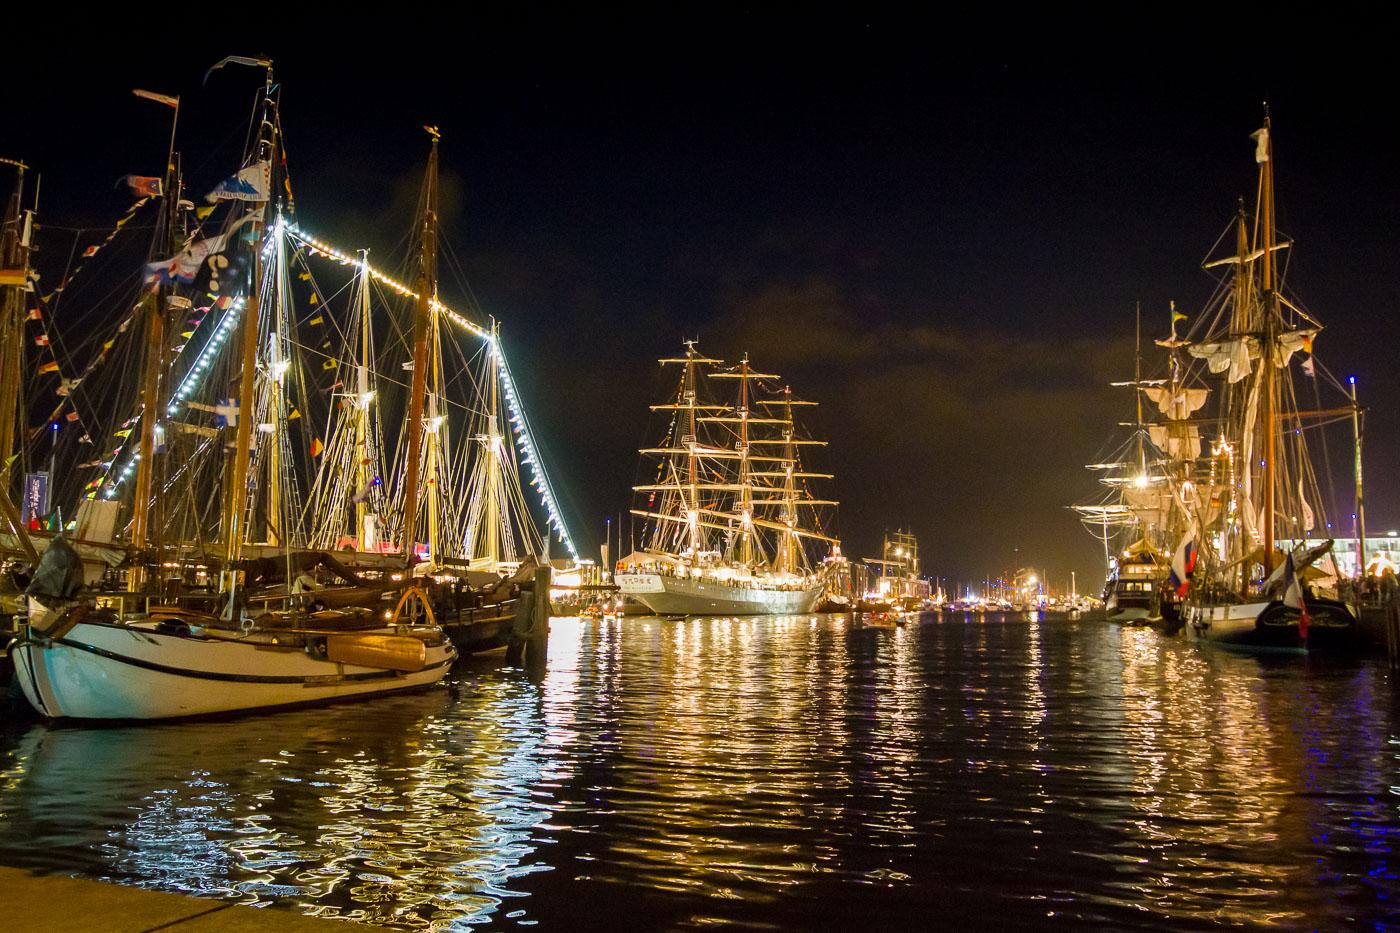 Dar Mlodziezy bei der sail 2010 in bremerhaven